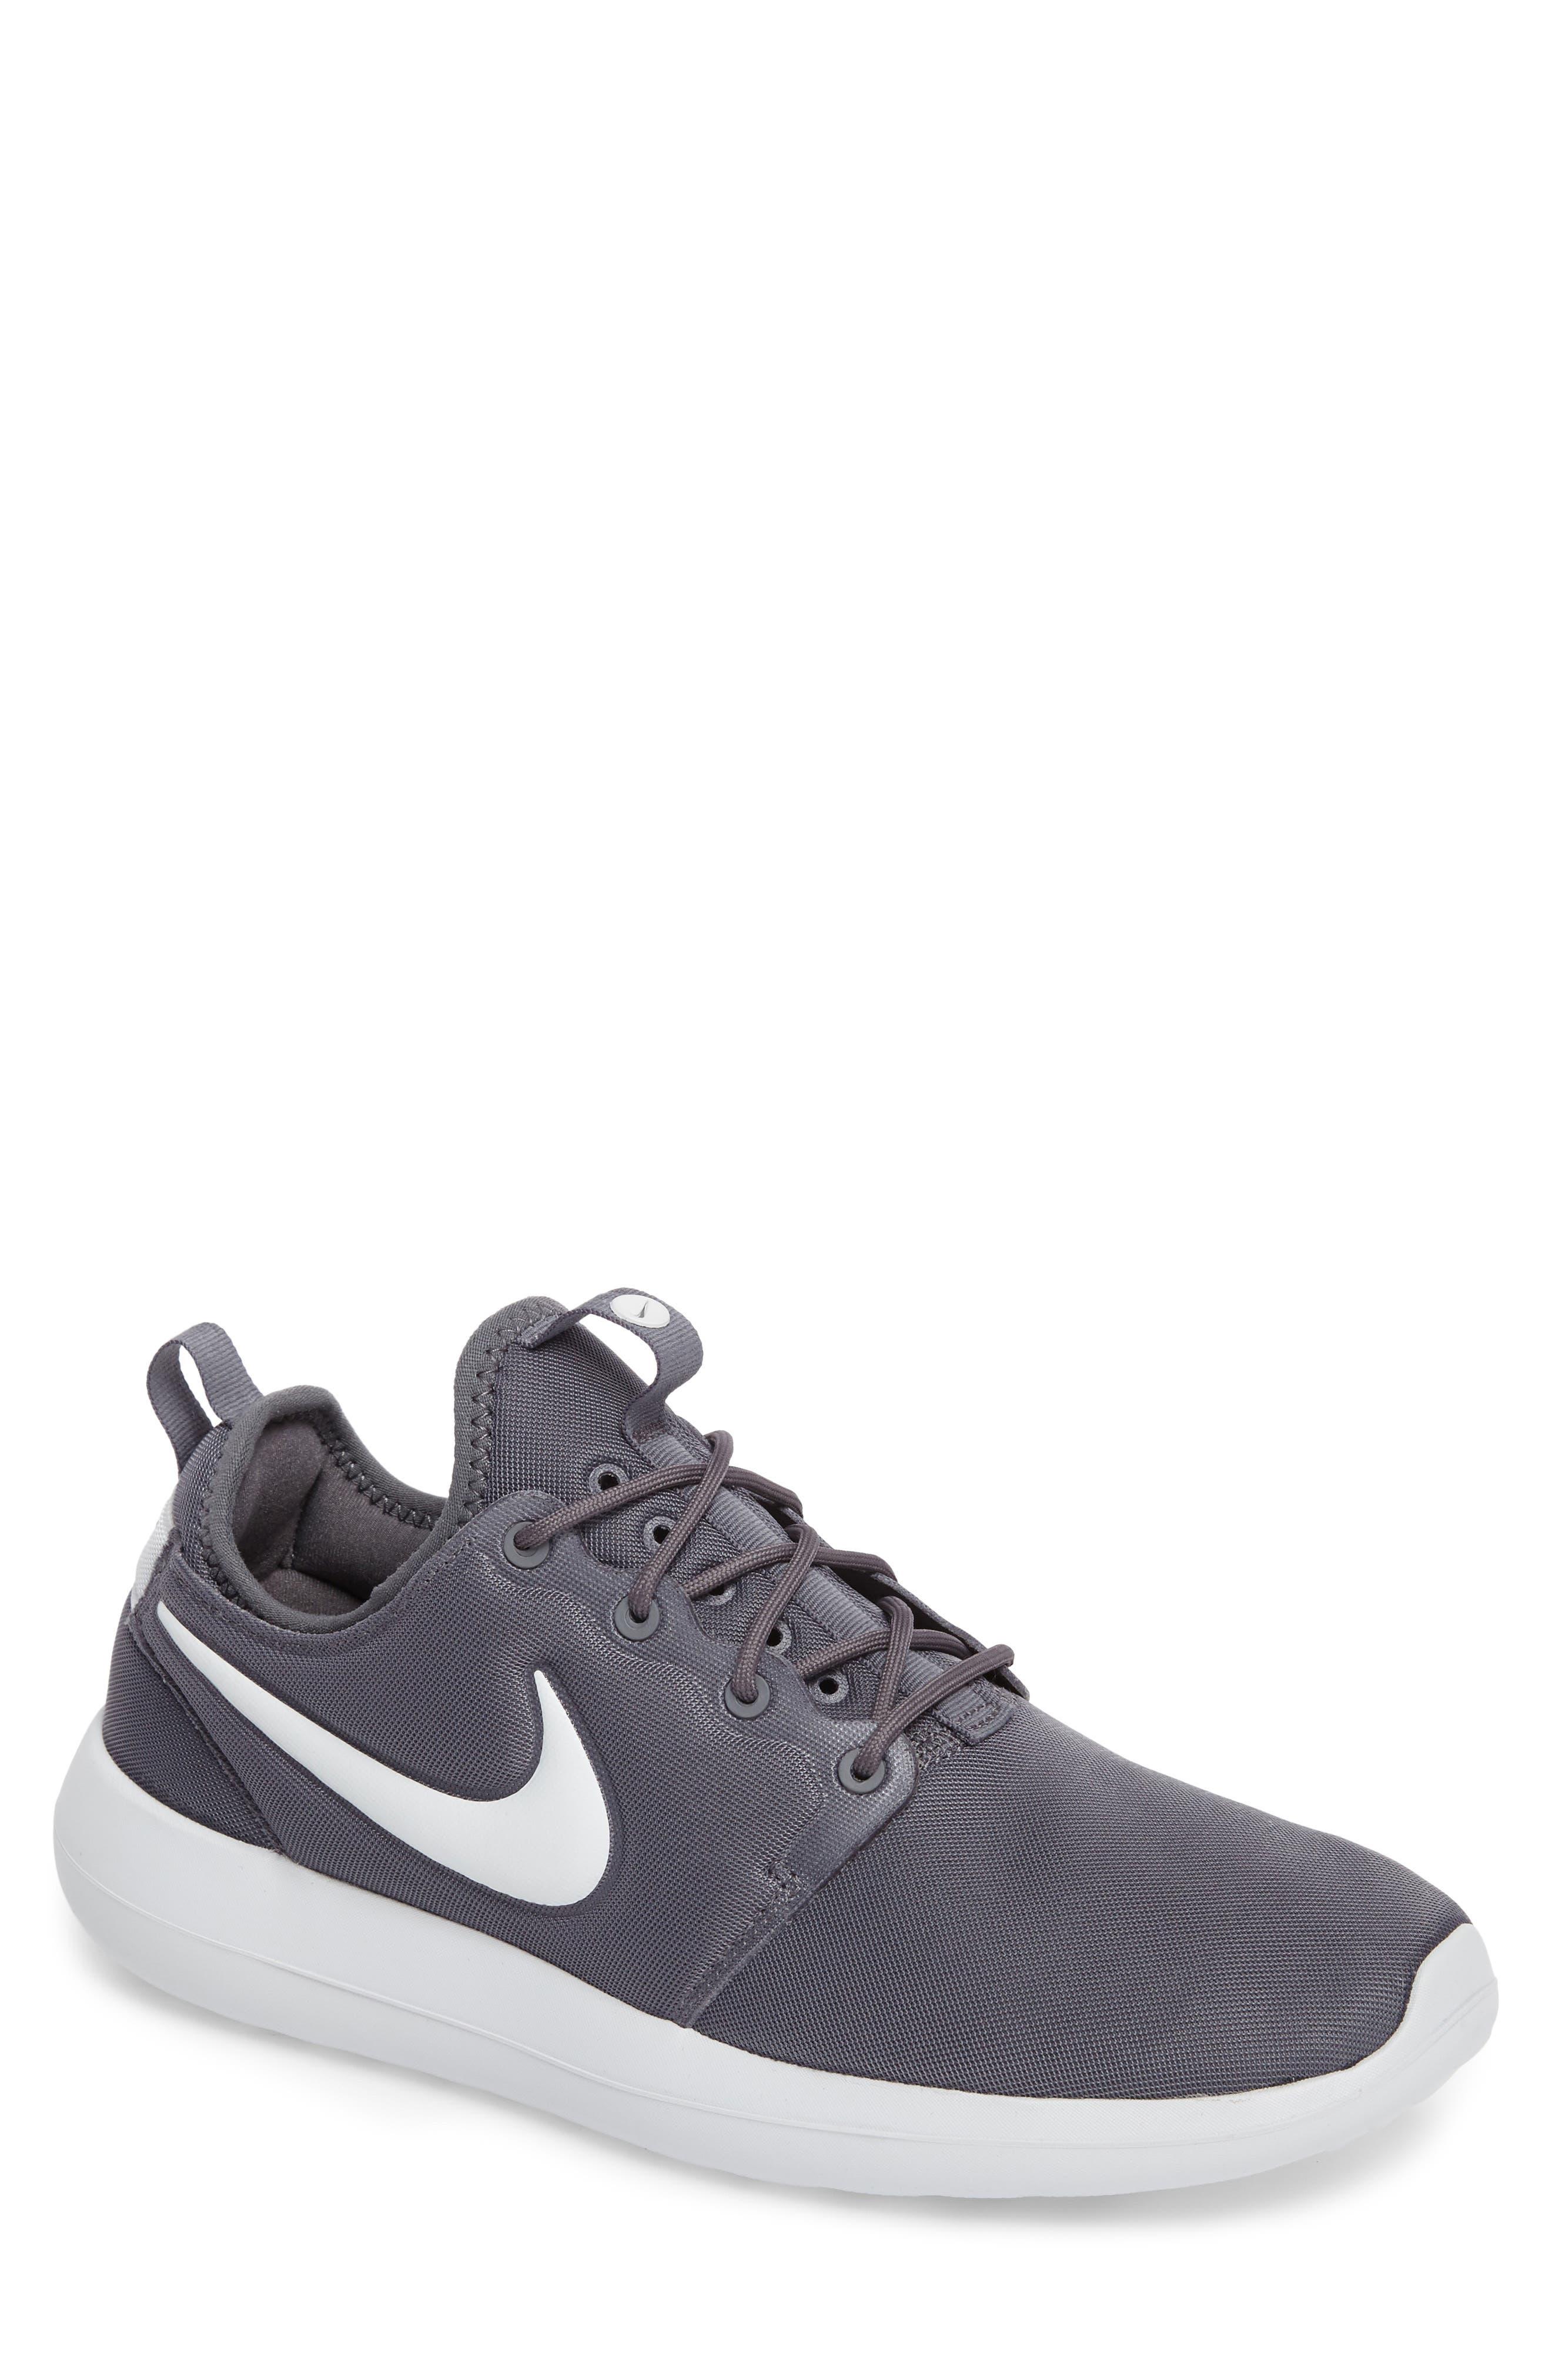 Alternate Image 1 Selected - Nike Roshe Two Sneaker (Men)